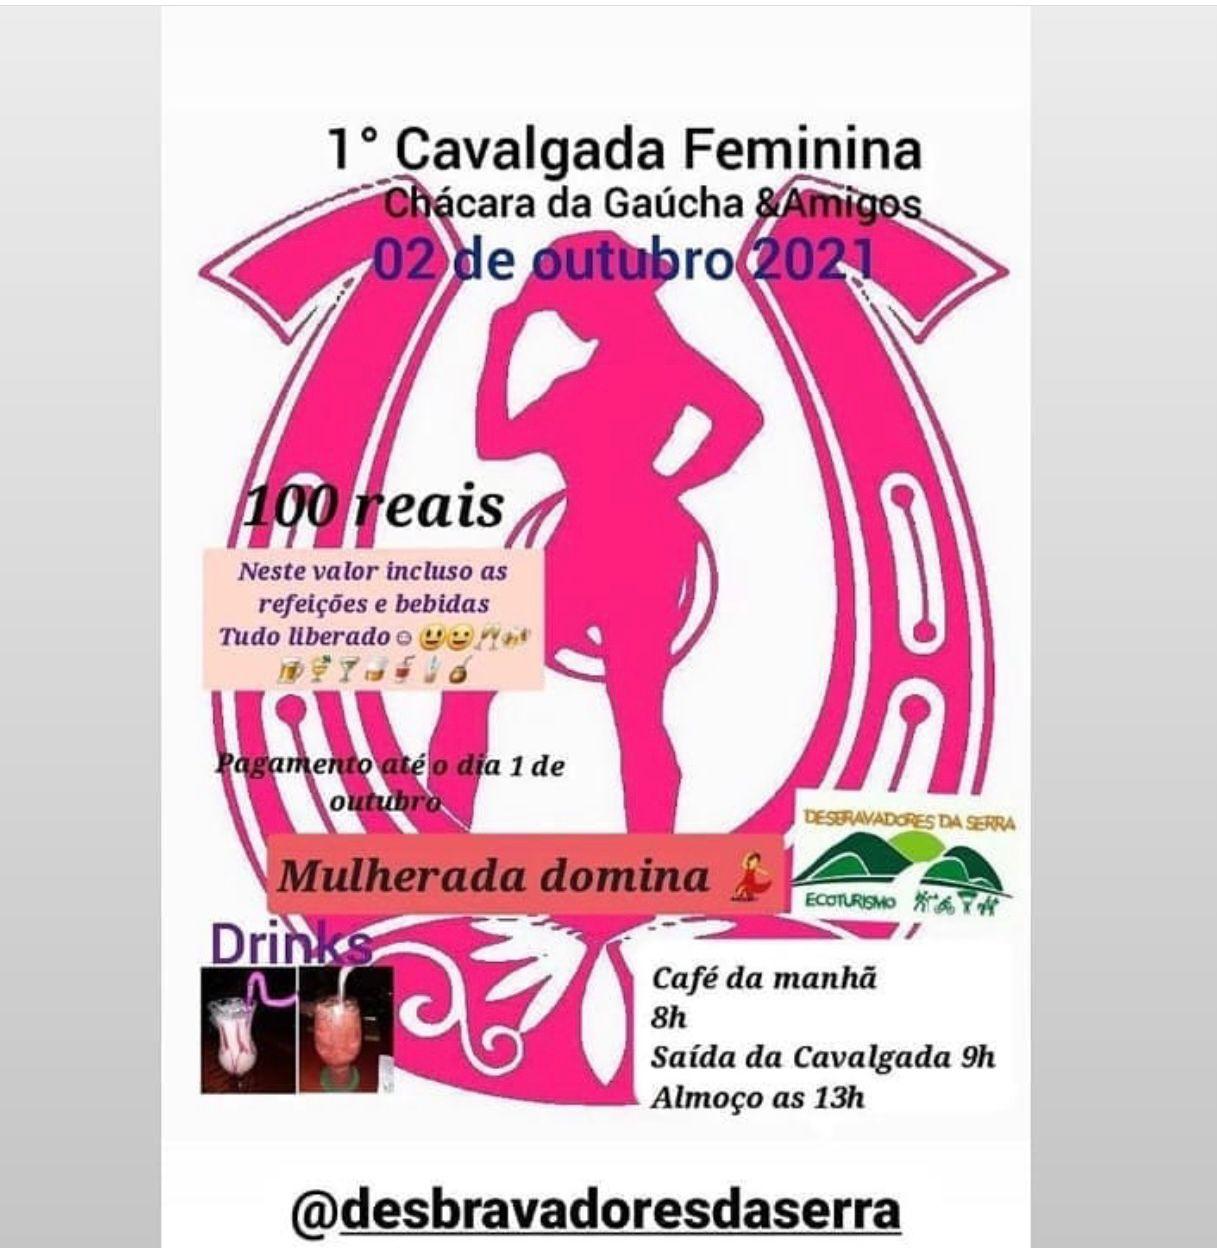 1º Cavalgada Feminina Chácara da Gaúcha & Amigos